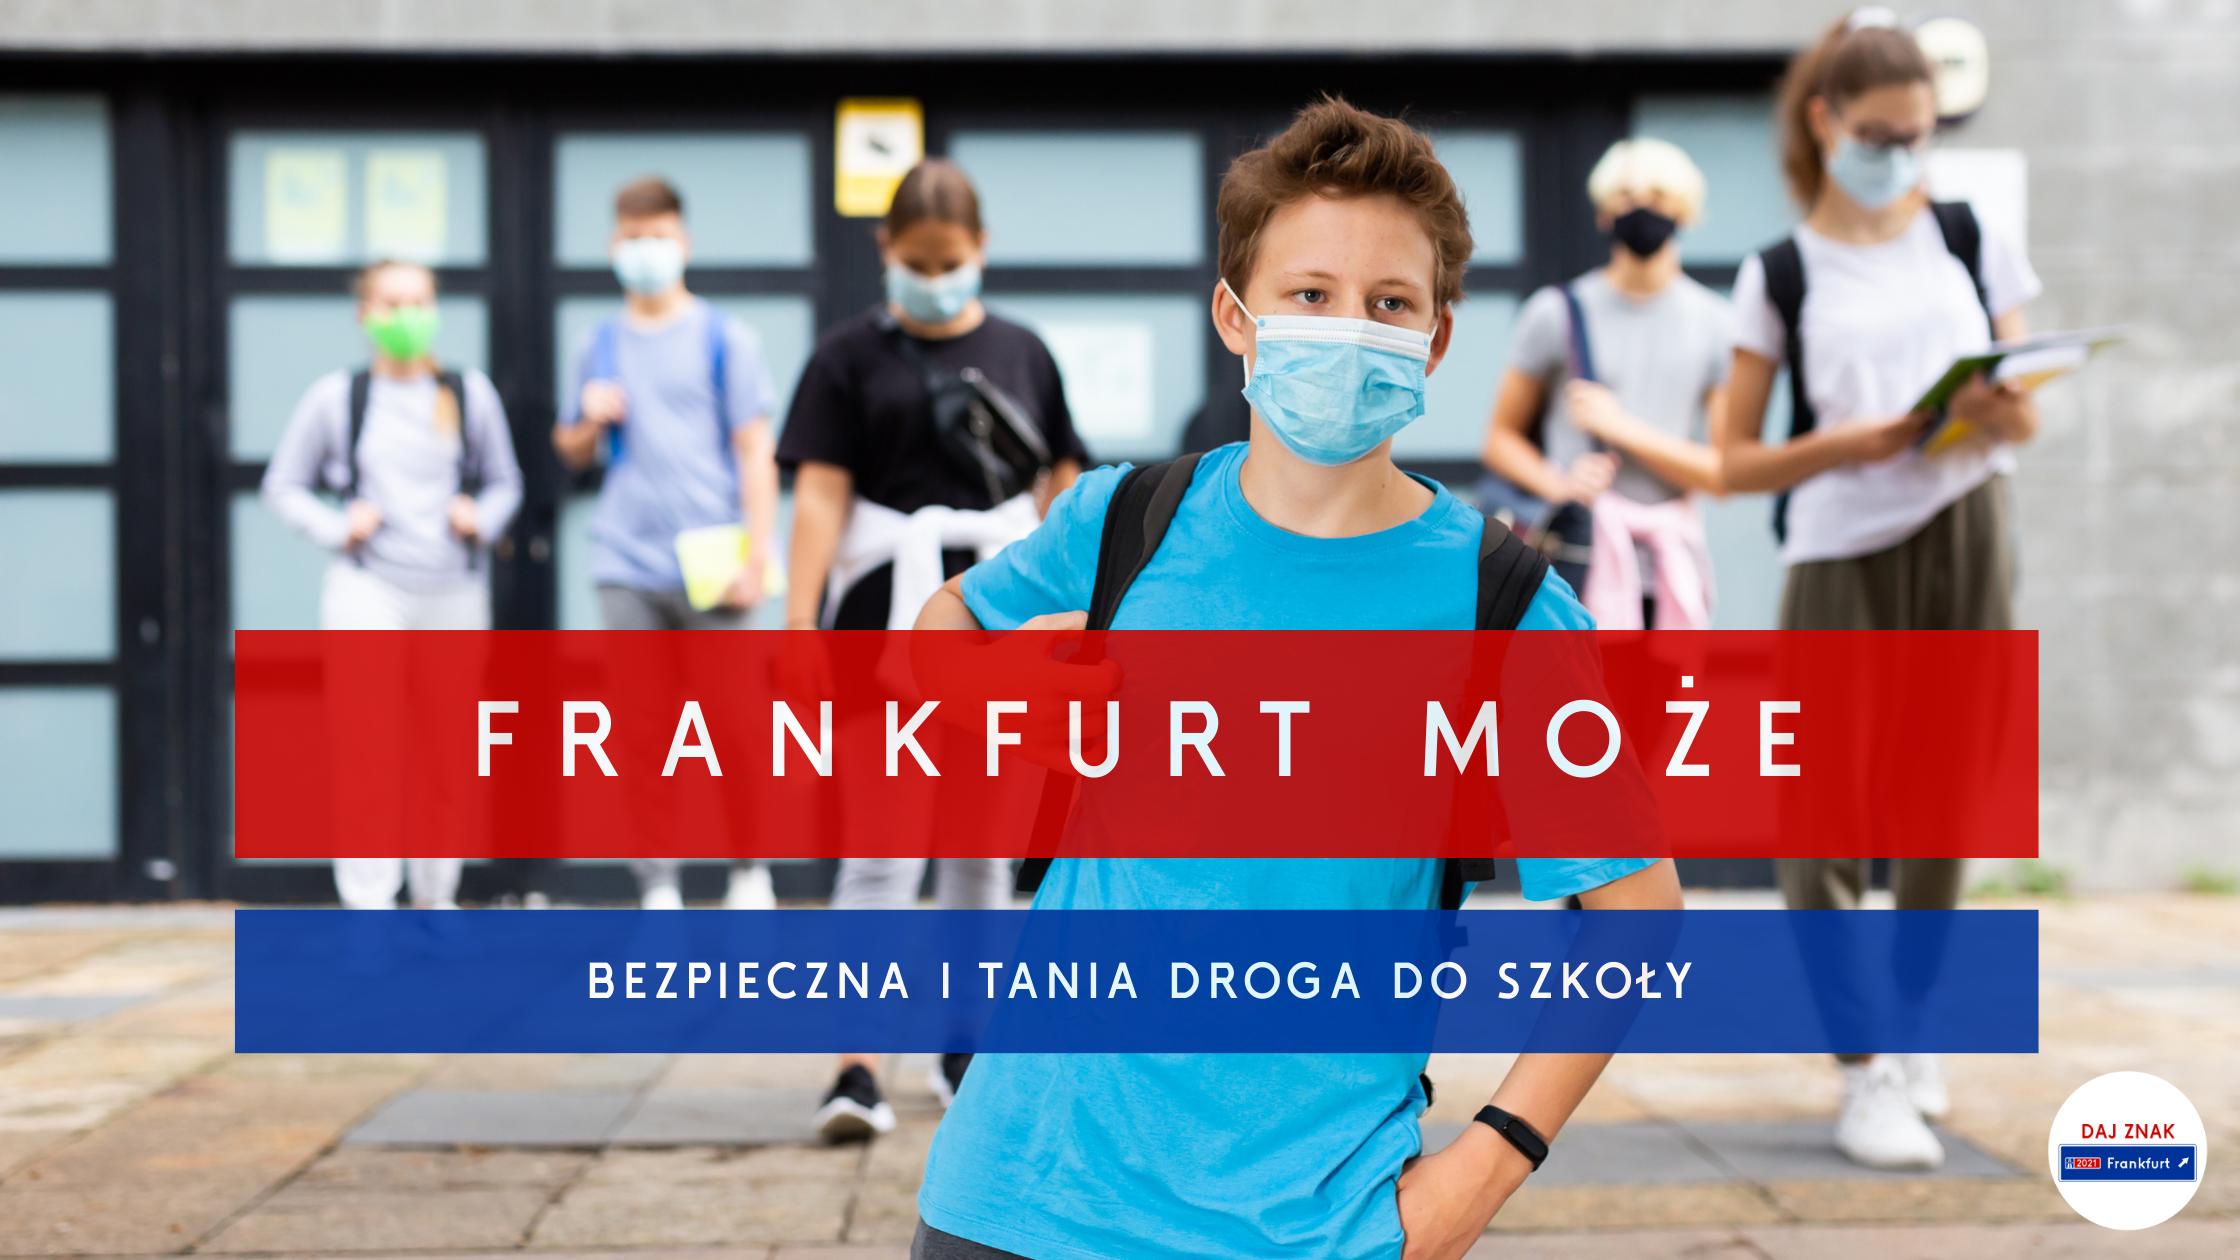 Frankfurt moze_Bezpieczna i tania droga do szkoly